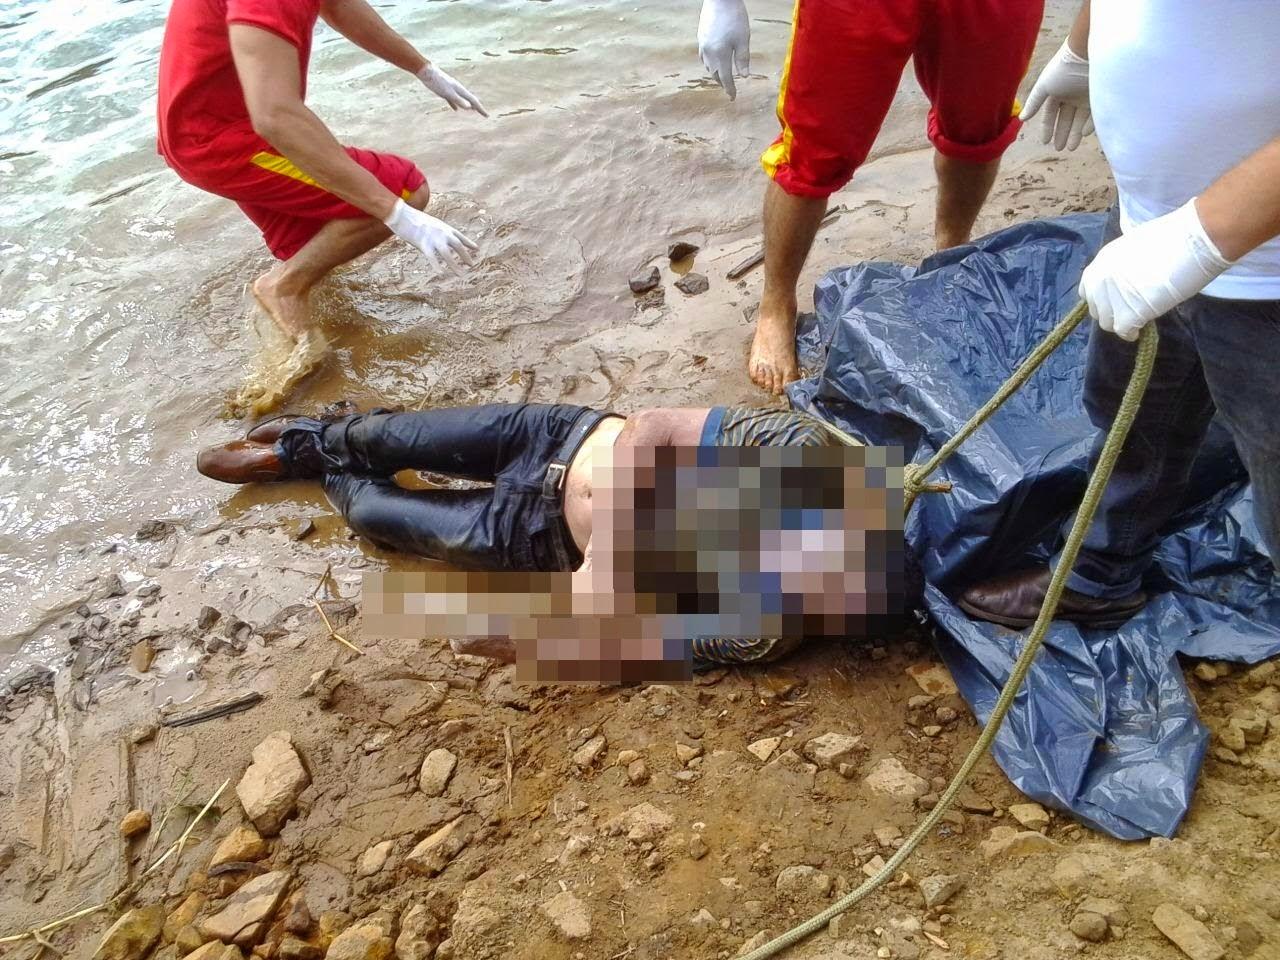 Carlão Maringá: Mecânico morreu afogado ao cair de barco no Porto  #732C1D 1280x960